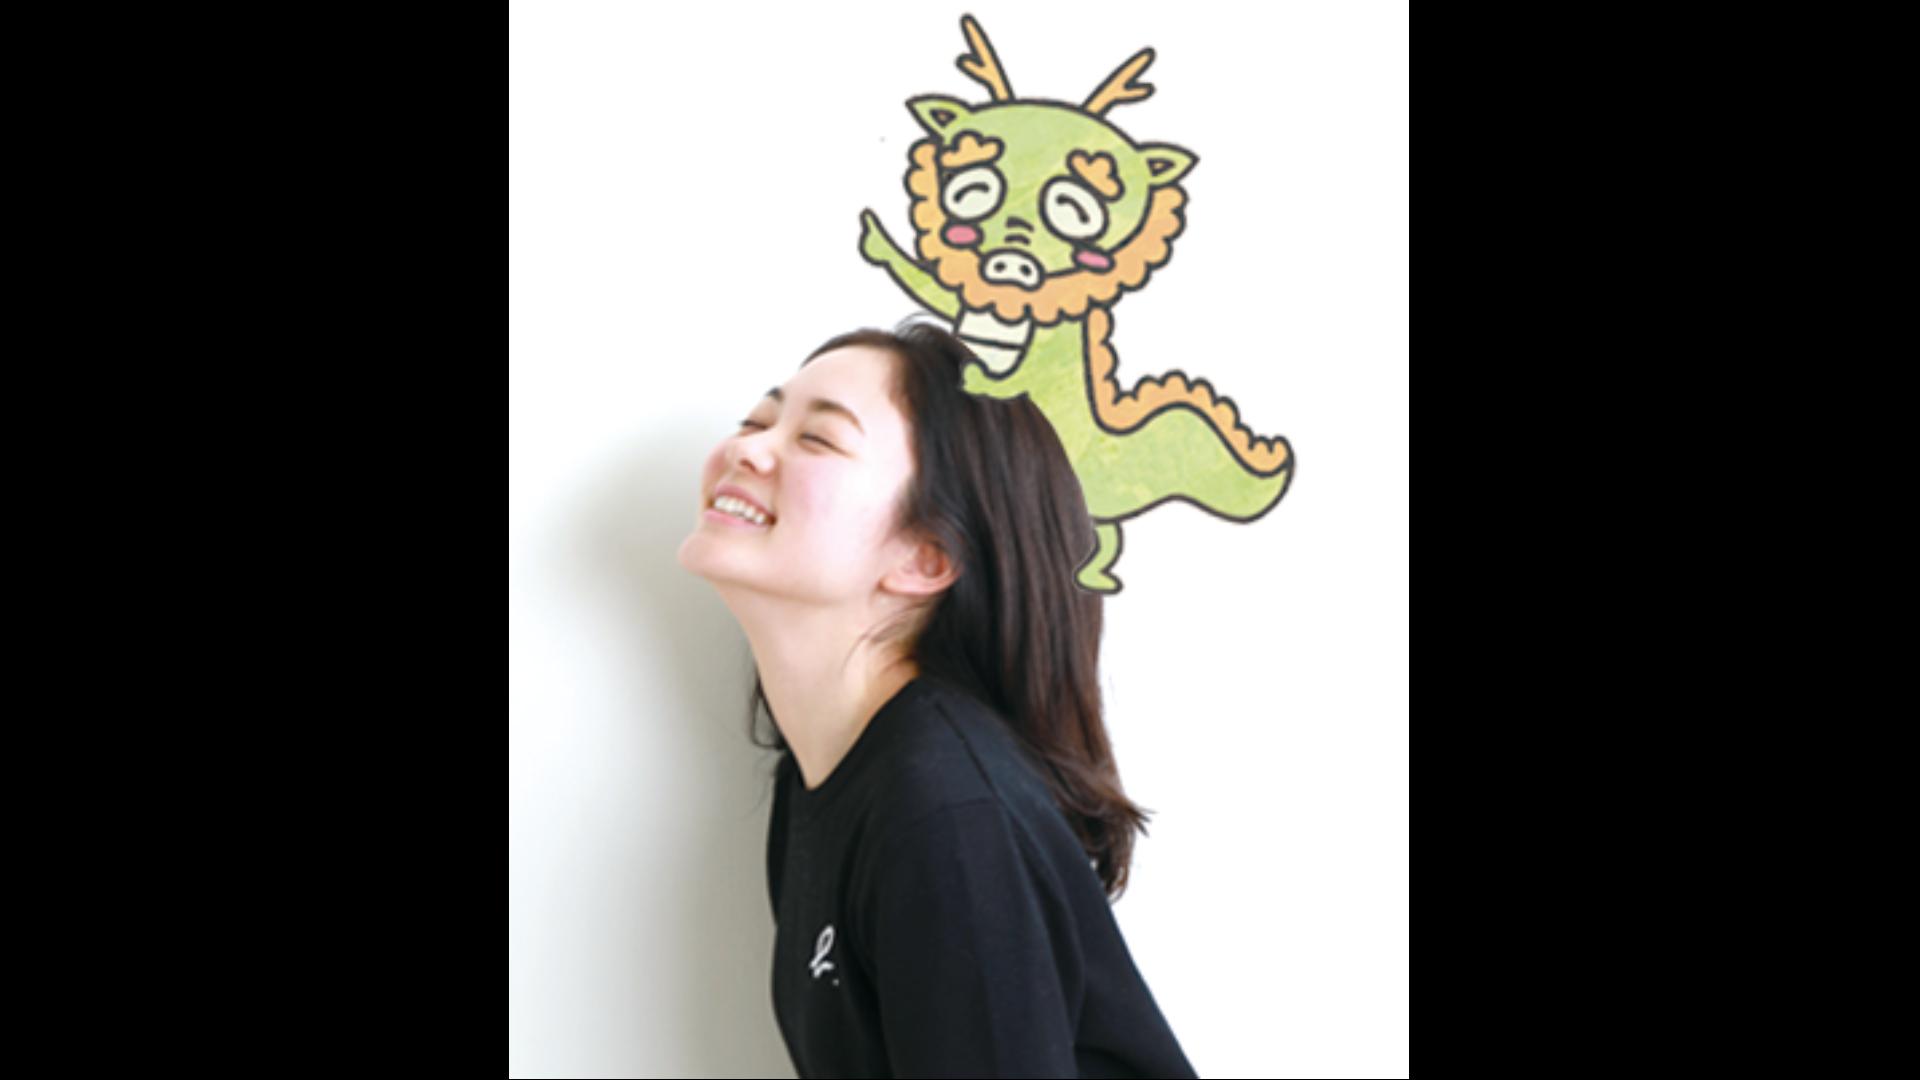 田村愛 and 竜ちゃん